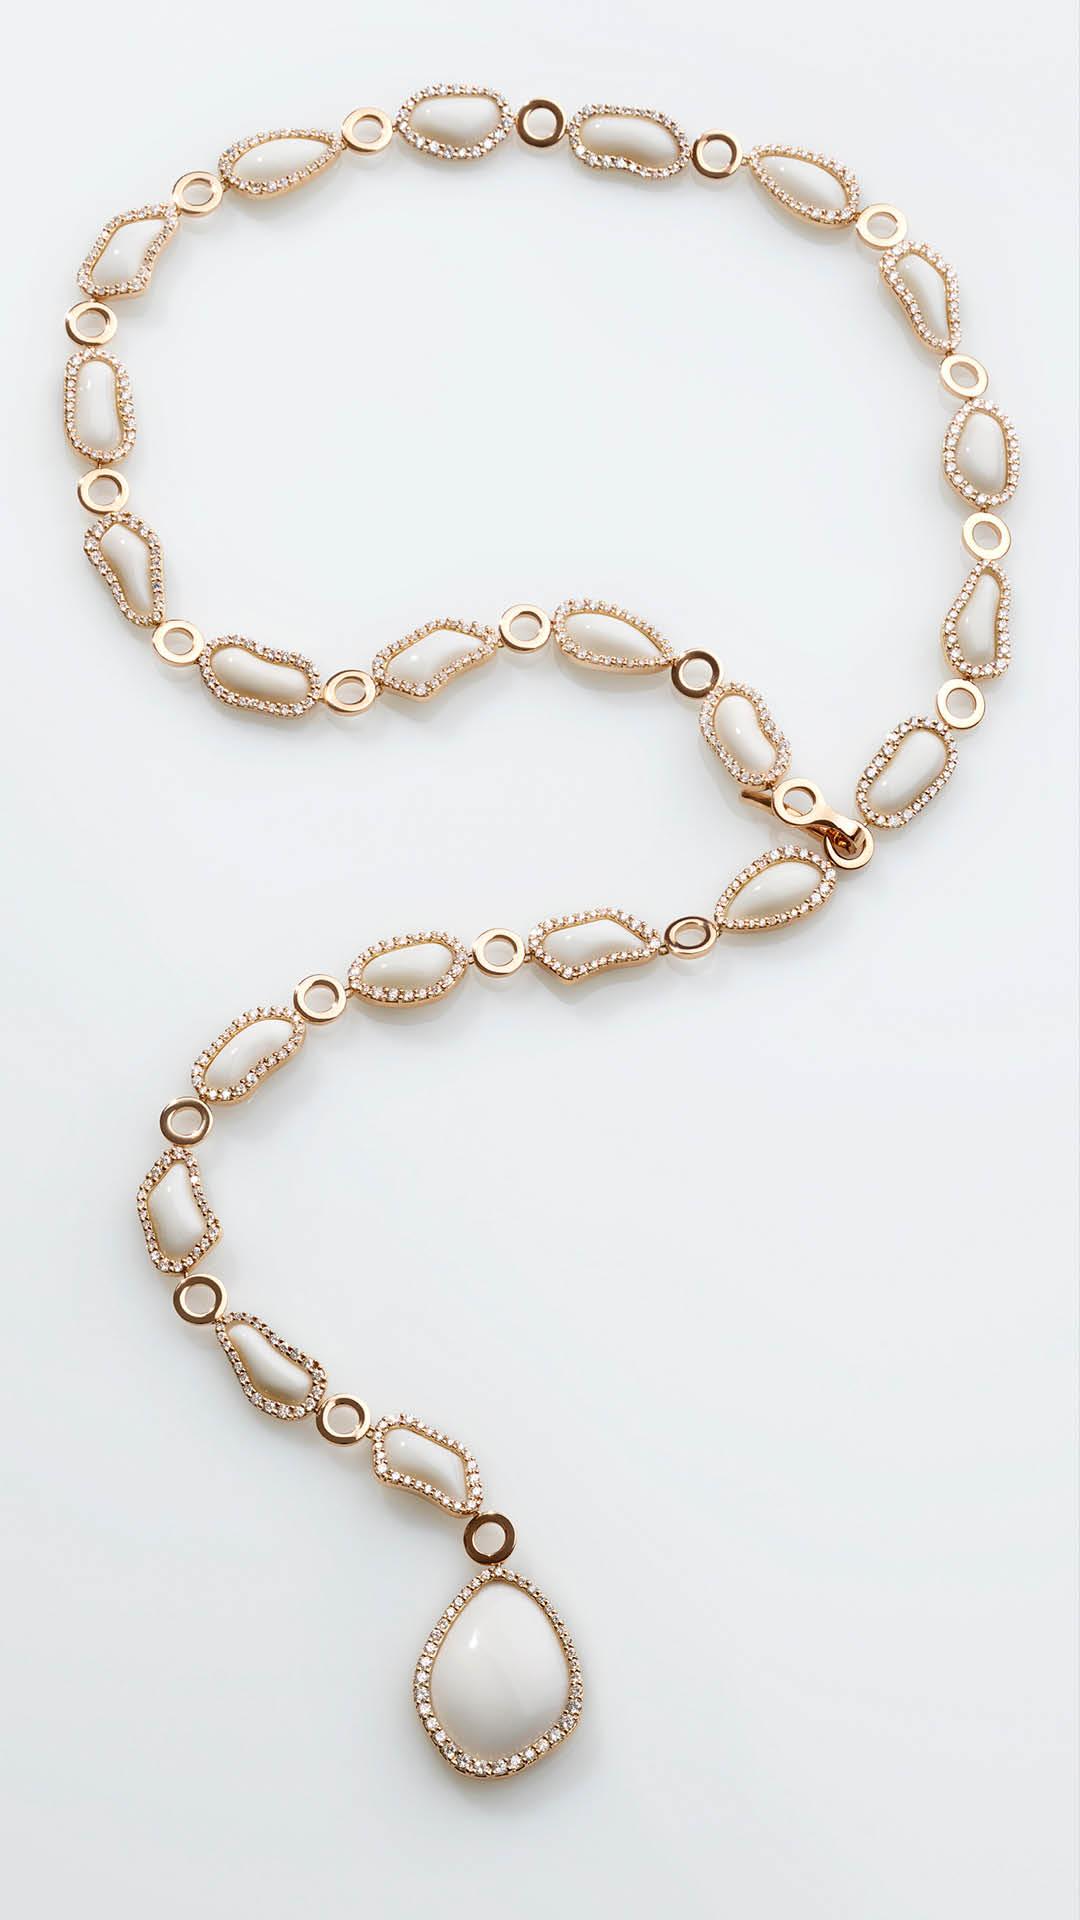 Chantecler-Enchante-Necklace